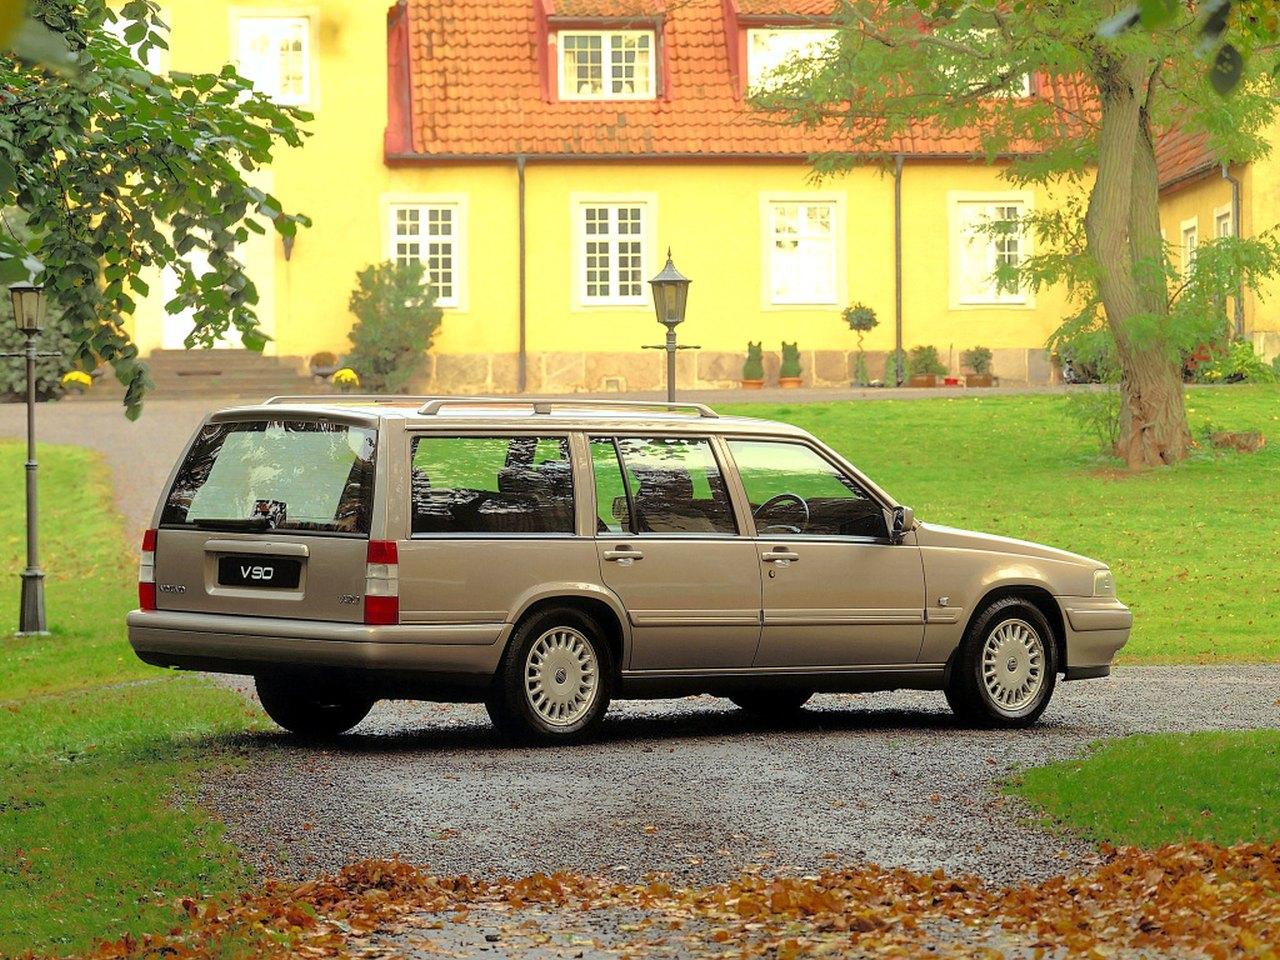 Volvo-V90-01.jpg